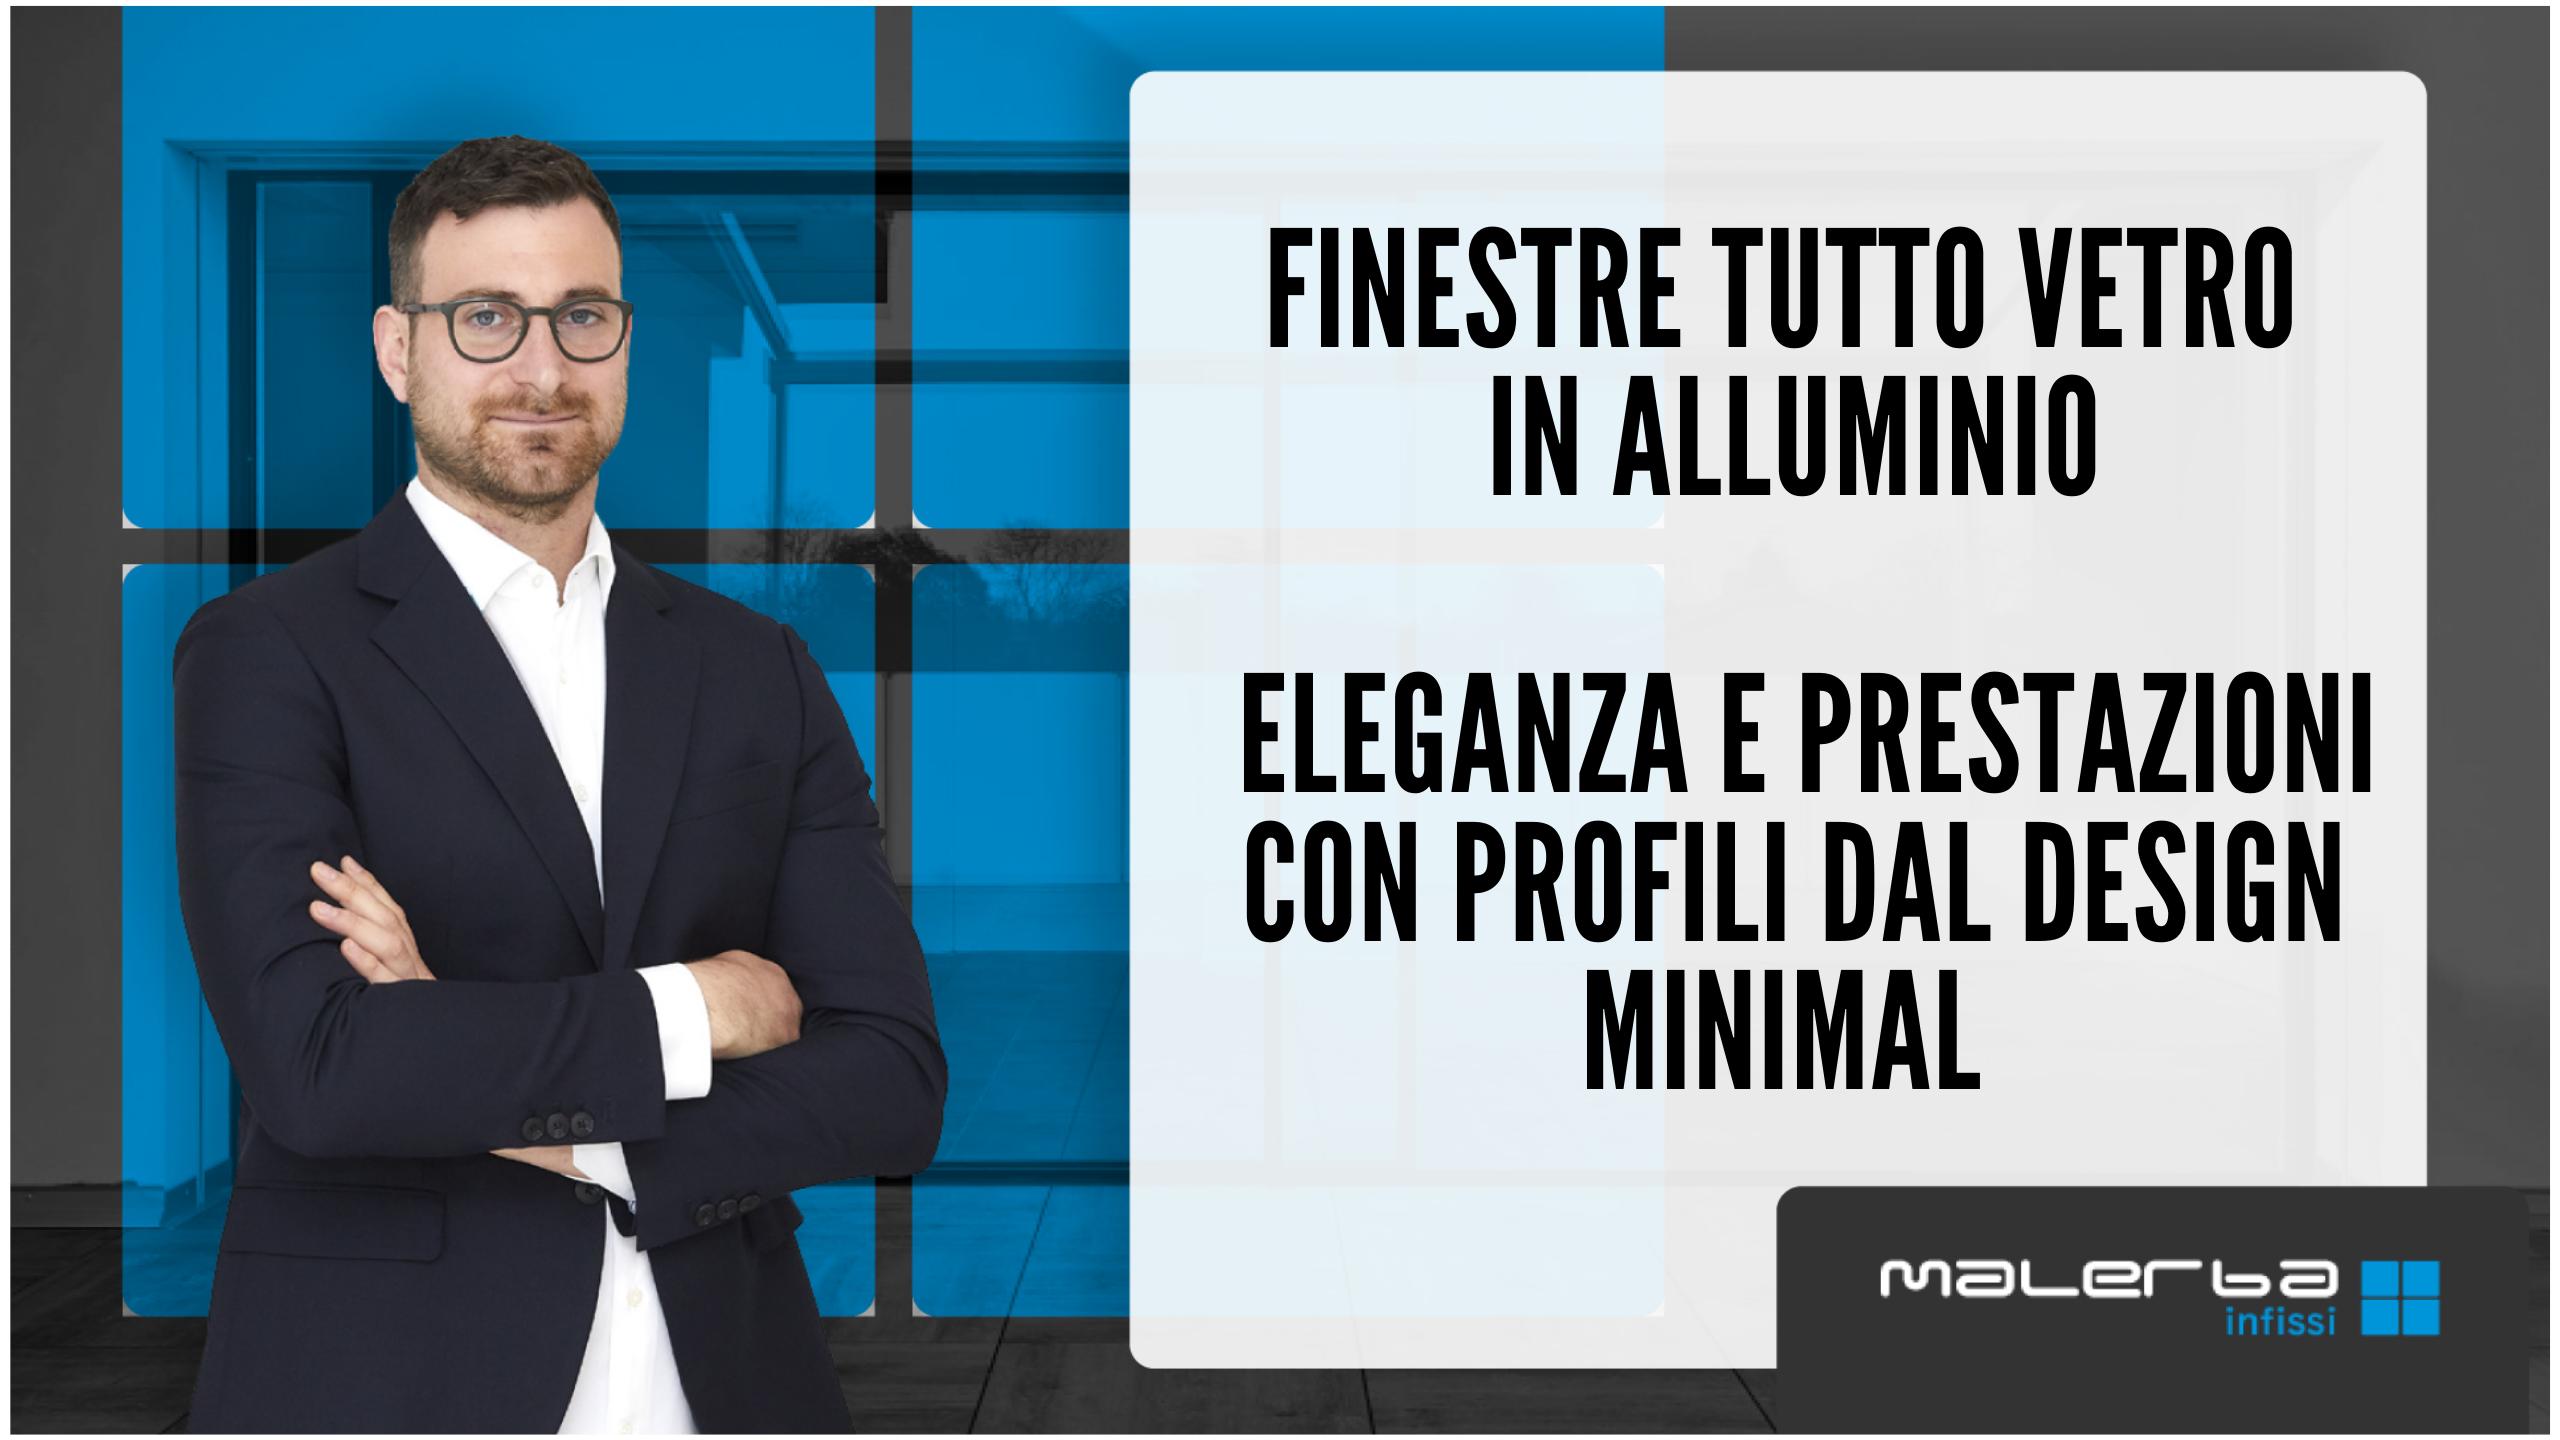 Finestre tutto vetro in alluminio - Malerba Infissi Padova